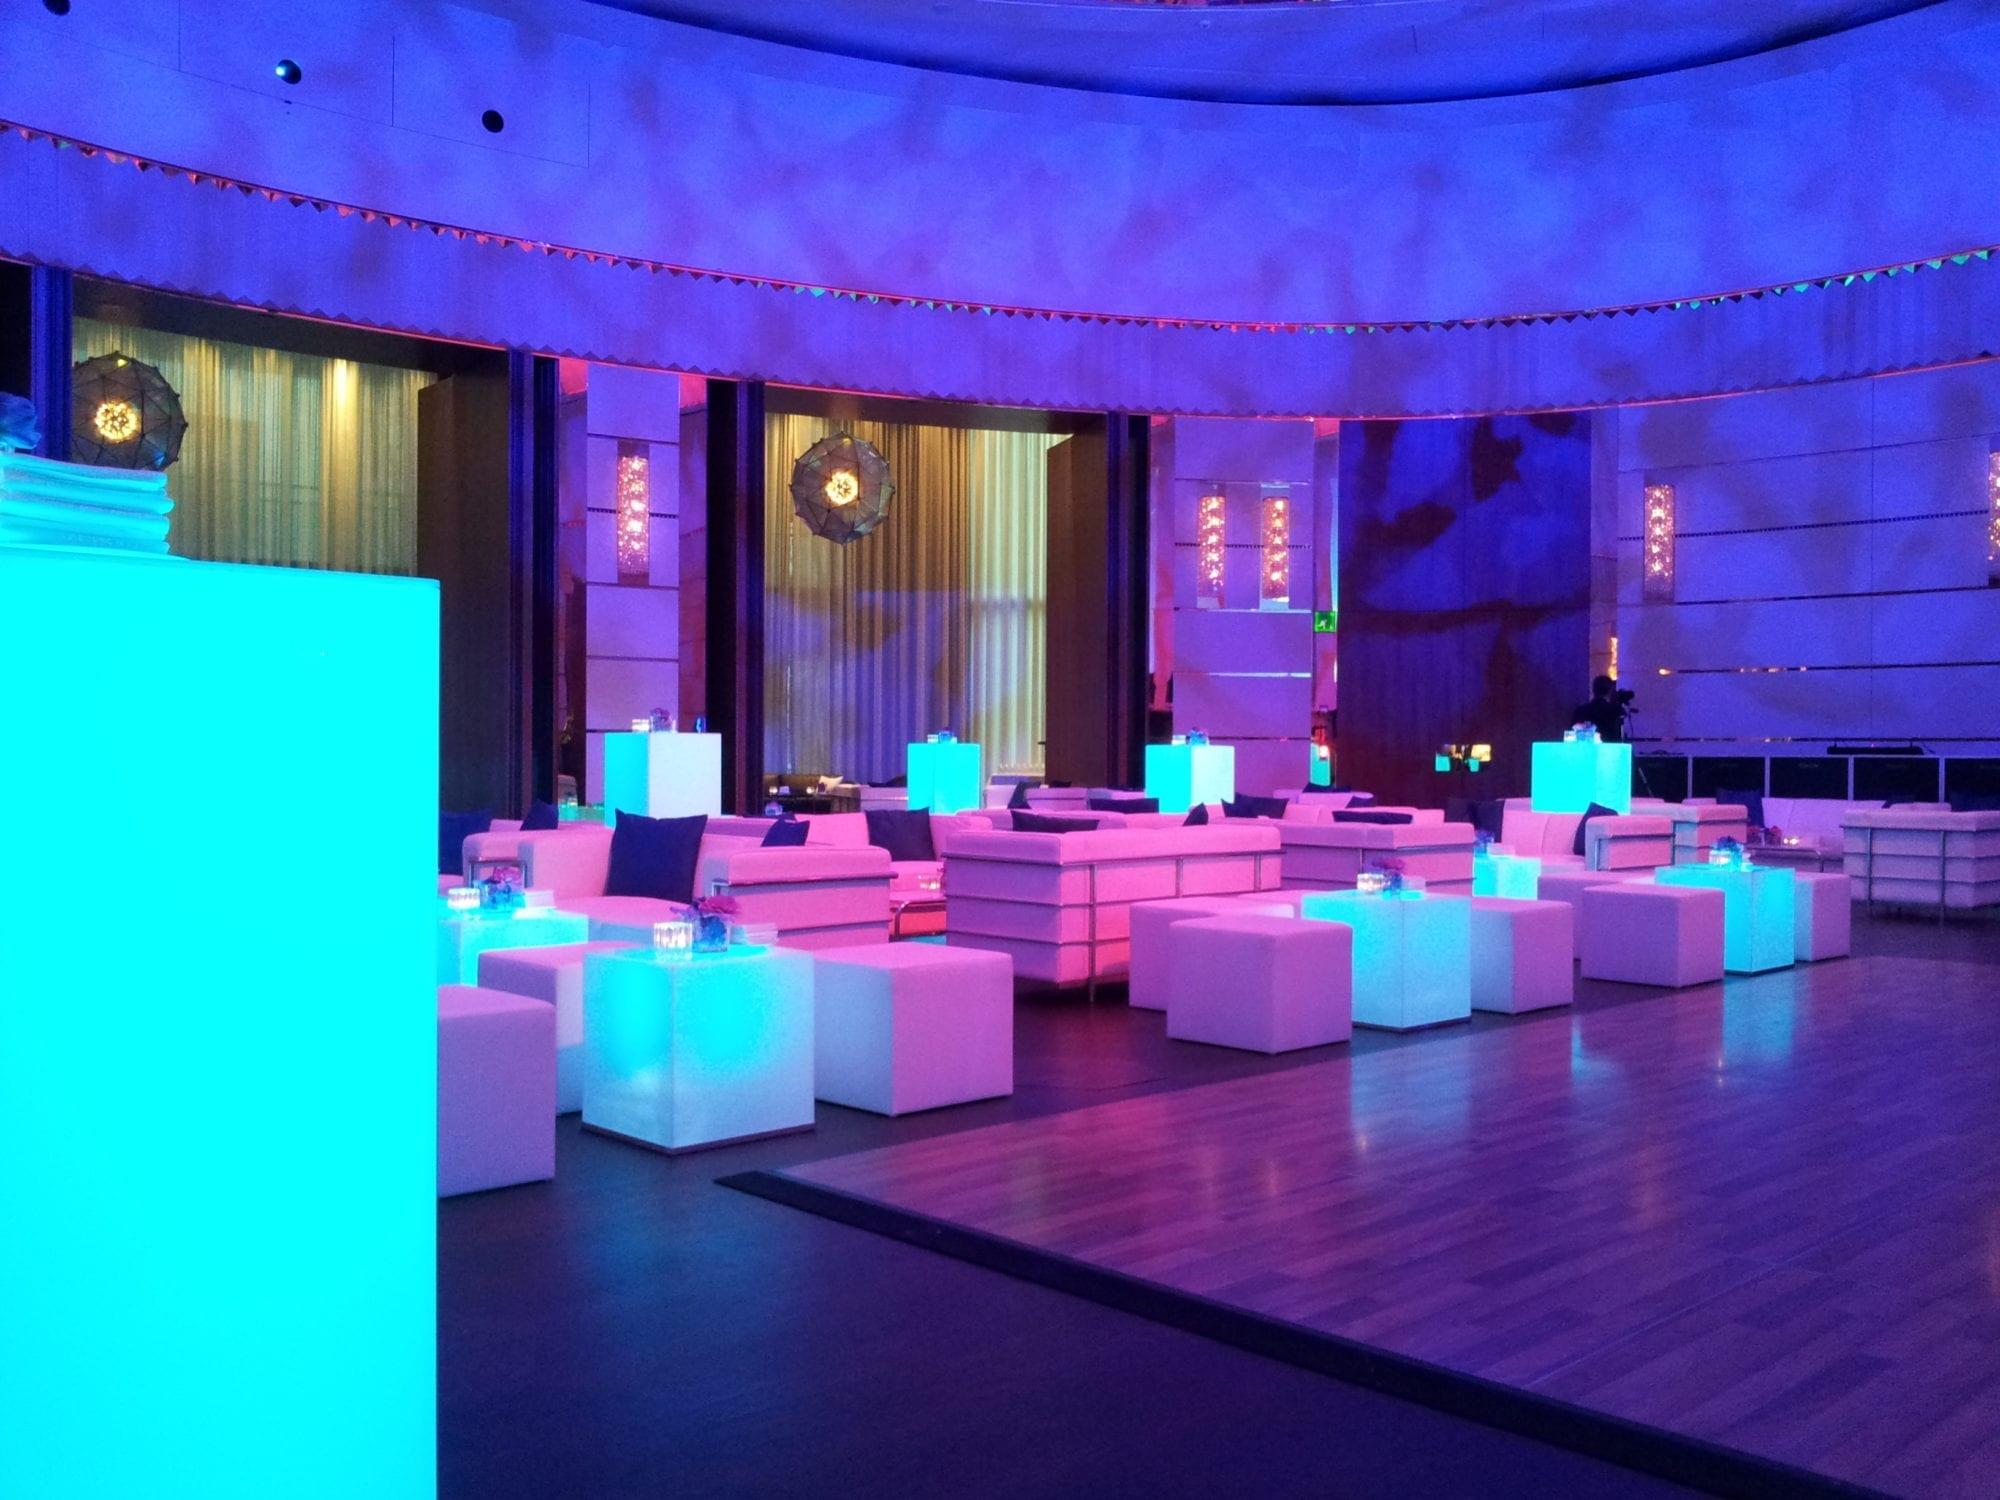 beistell-tisch LED mieten rent-a-lounge 10